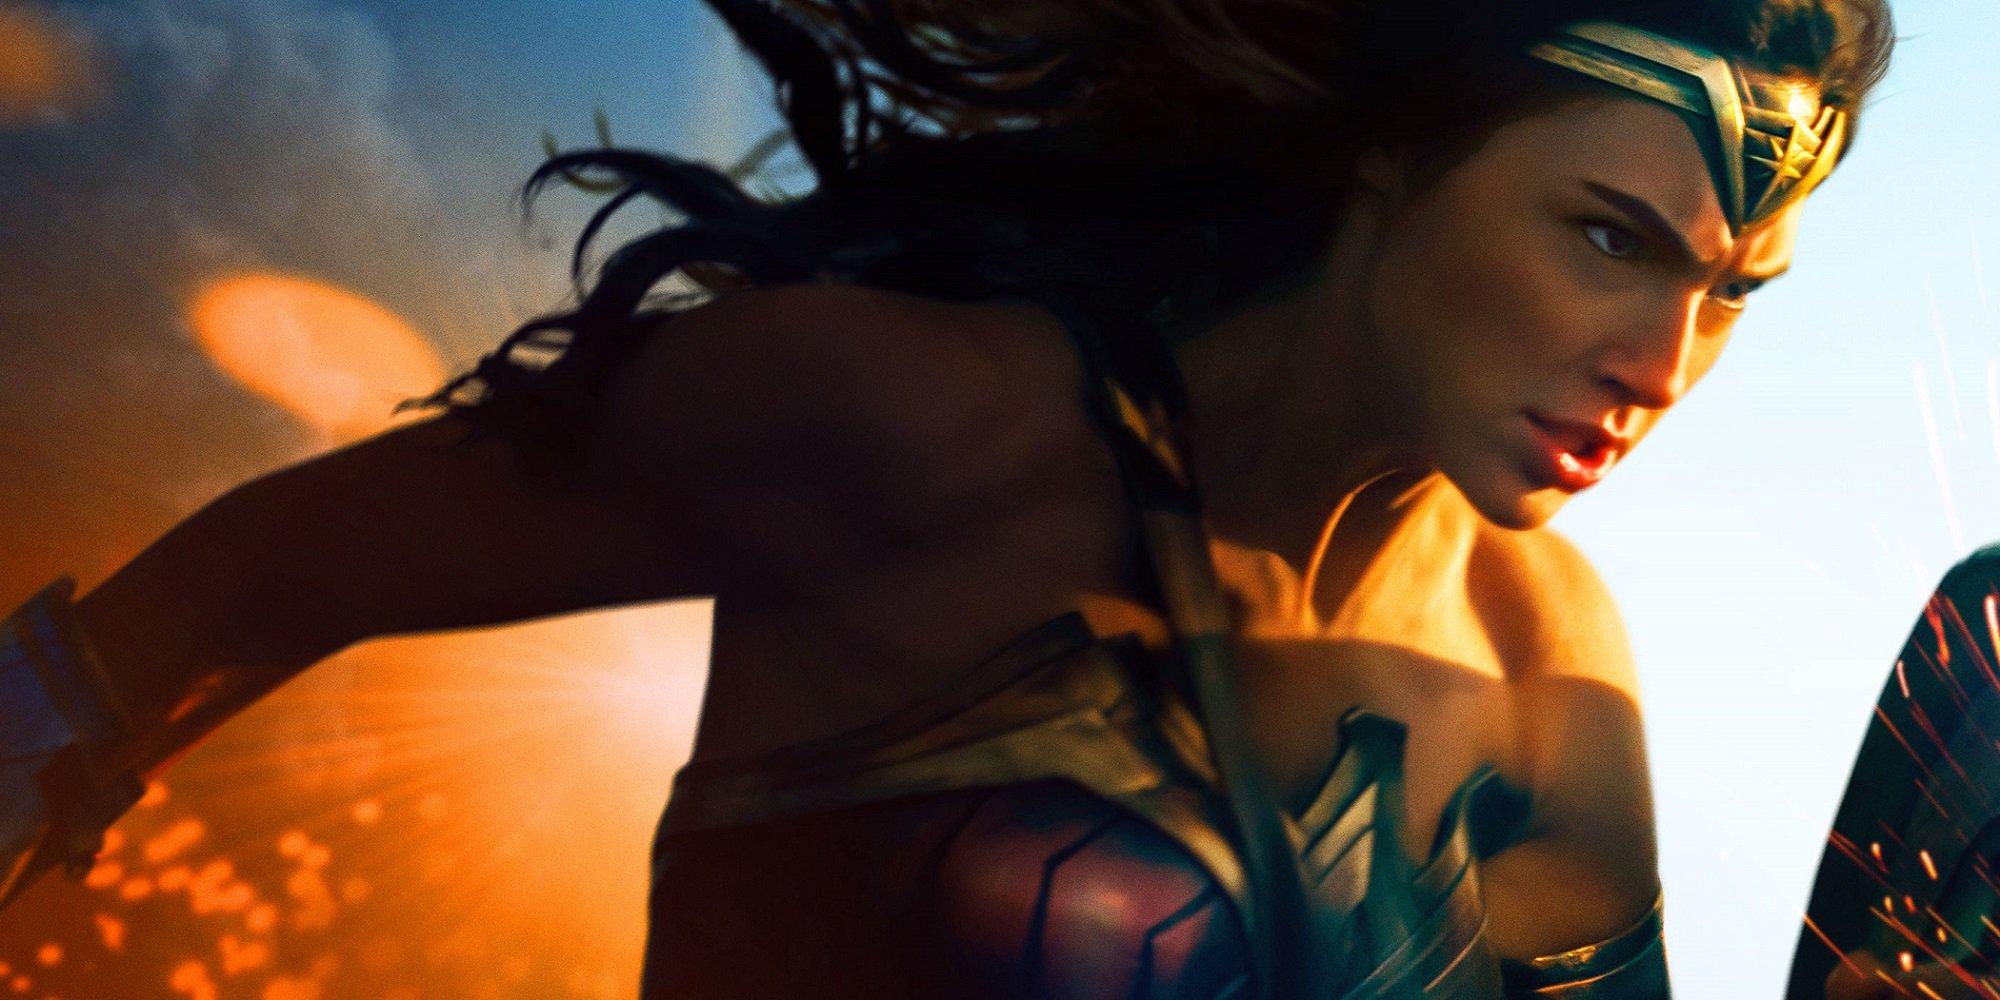 Wonder Woman Screening Early Reactions Are Positive - https://t.co/yz9MqBMsD3 https://t.co/8eAxHNgkX4